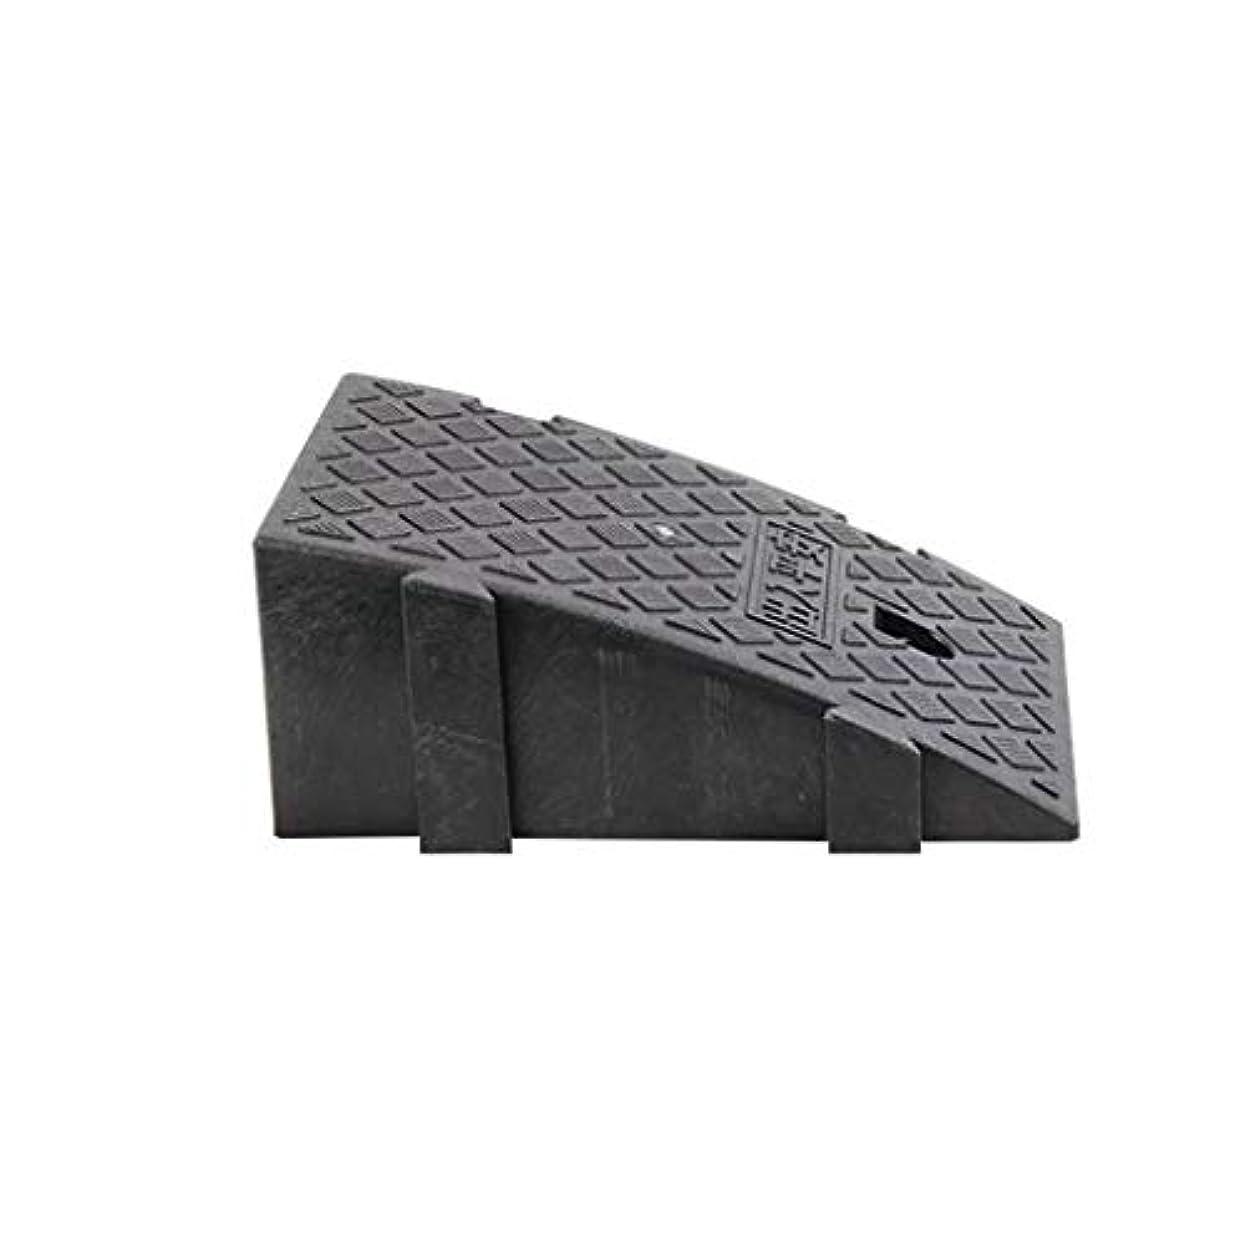 死にかけているガロン暗記するXUZgag ポータブルスロープパッド、車用傾斜路ポータブル小型トライアングルパッド上りパッドステップ階段車椅子上りパッド滑り止めマット ノンスリップ (Color : Black, Size : 24.5*43.5*18.5CM)